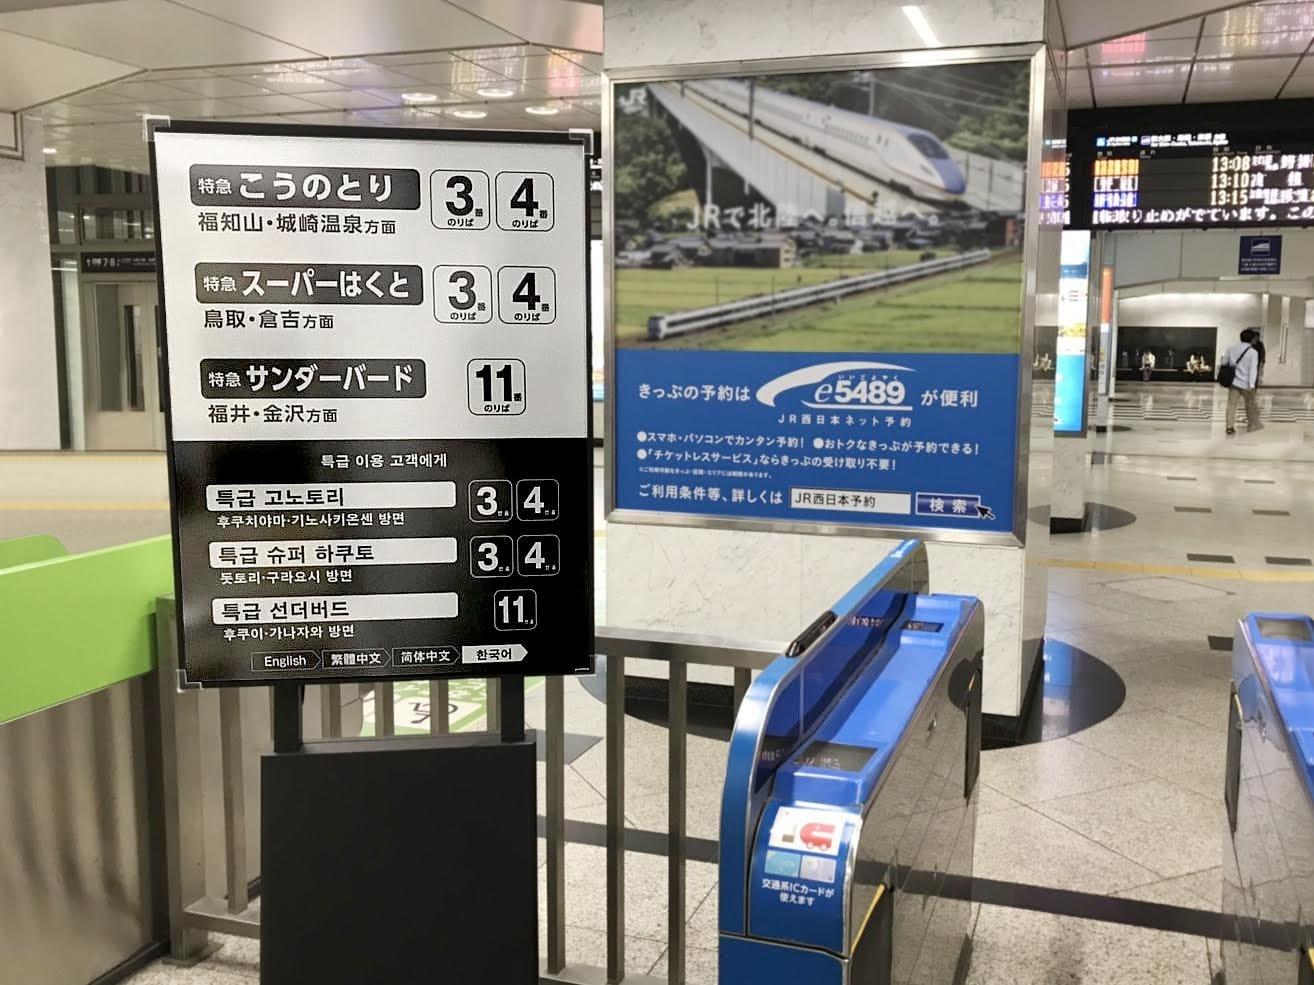 照片中提到了13:08、13:10 種、13:15 .,包含了旗幟、大阪站、紙、電子紙、電子墨水控股